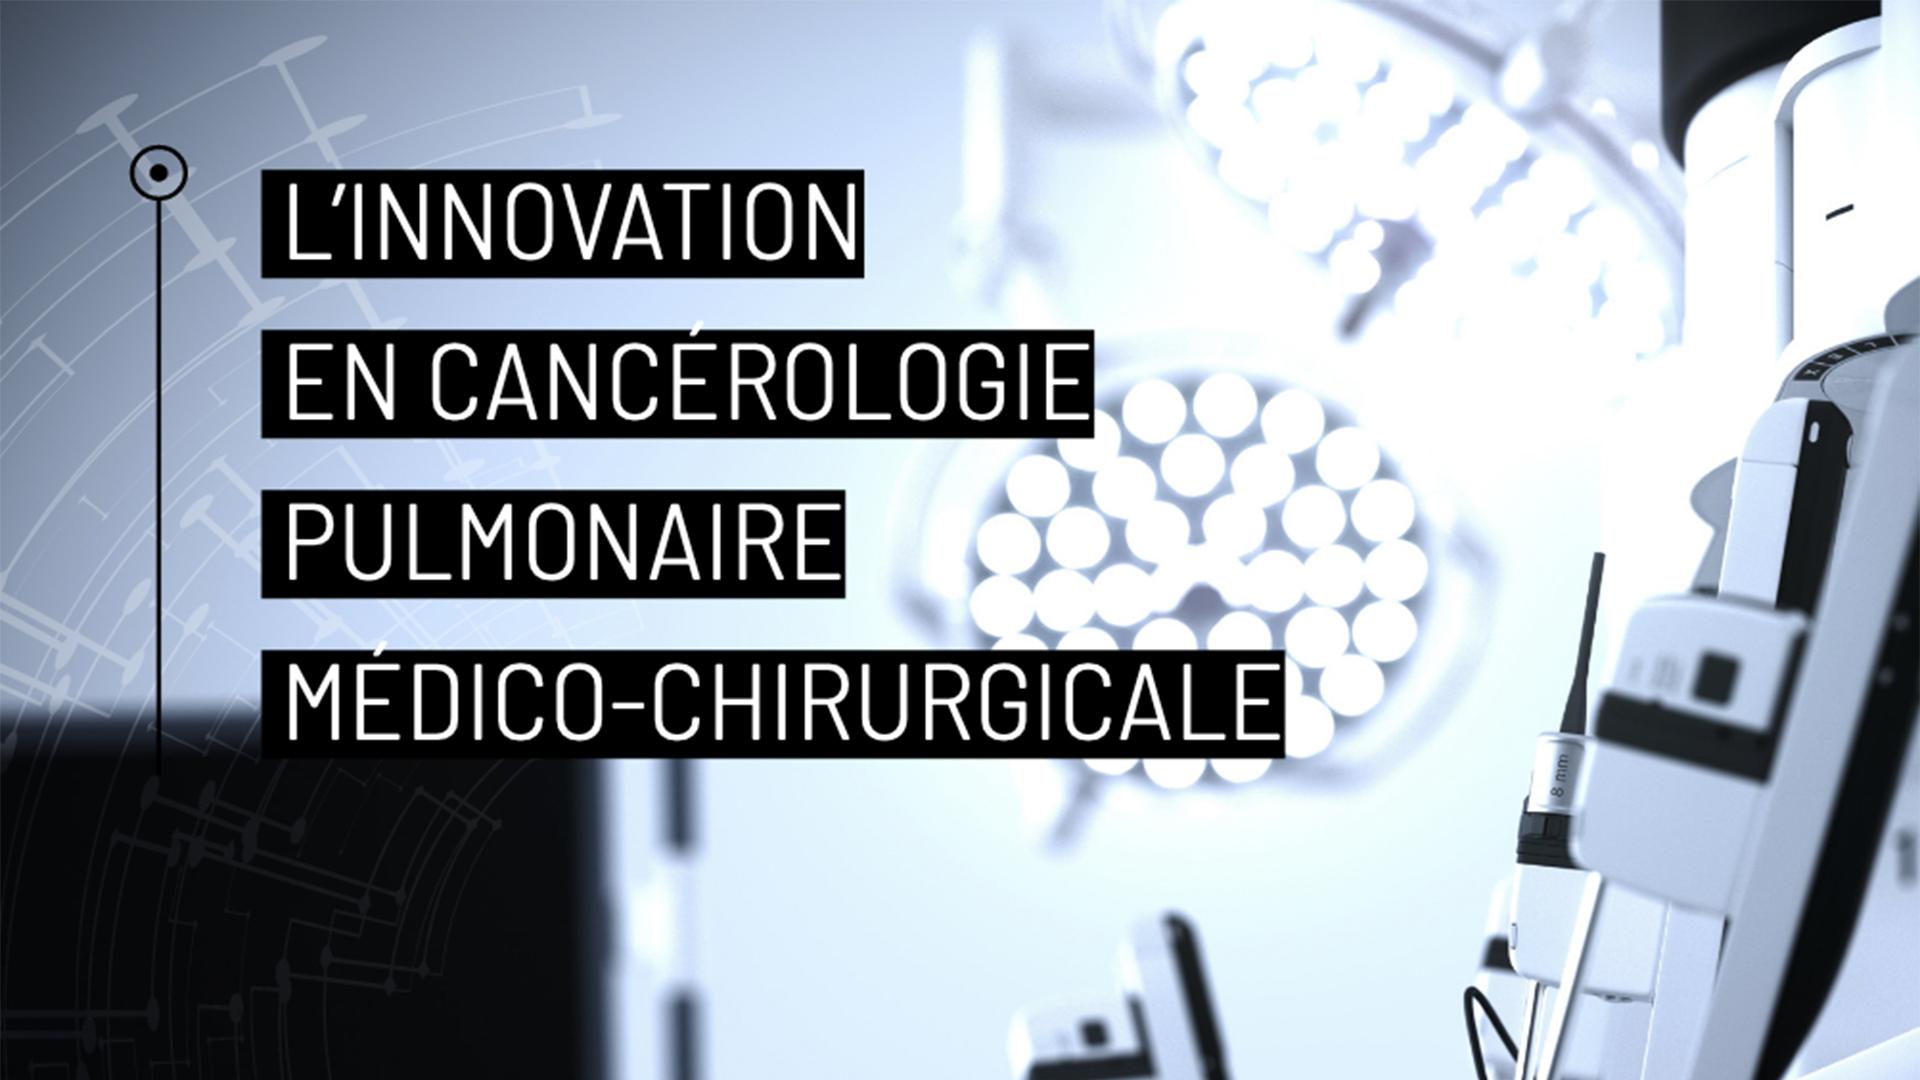 L'innovation en cancérologie pulmonaire médico-chirurgicale